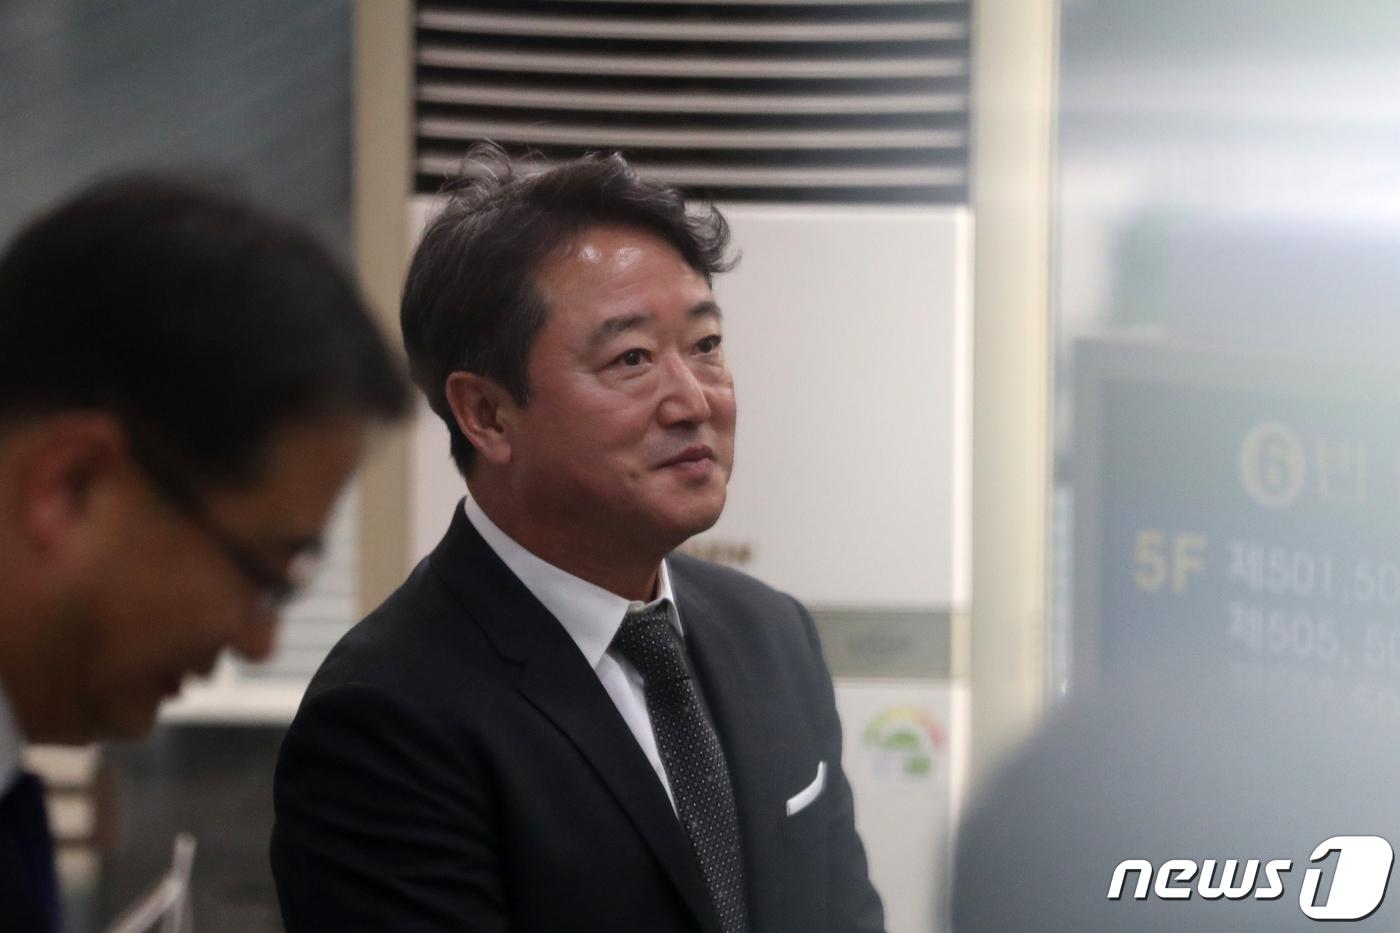 '차명주식 은닉' 이웅열 전 코오롱 회장 1심서 벌금 3억원[더윈 토토|엔터6 토토]